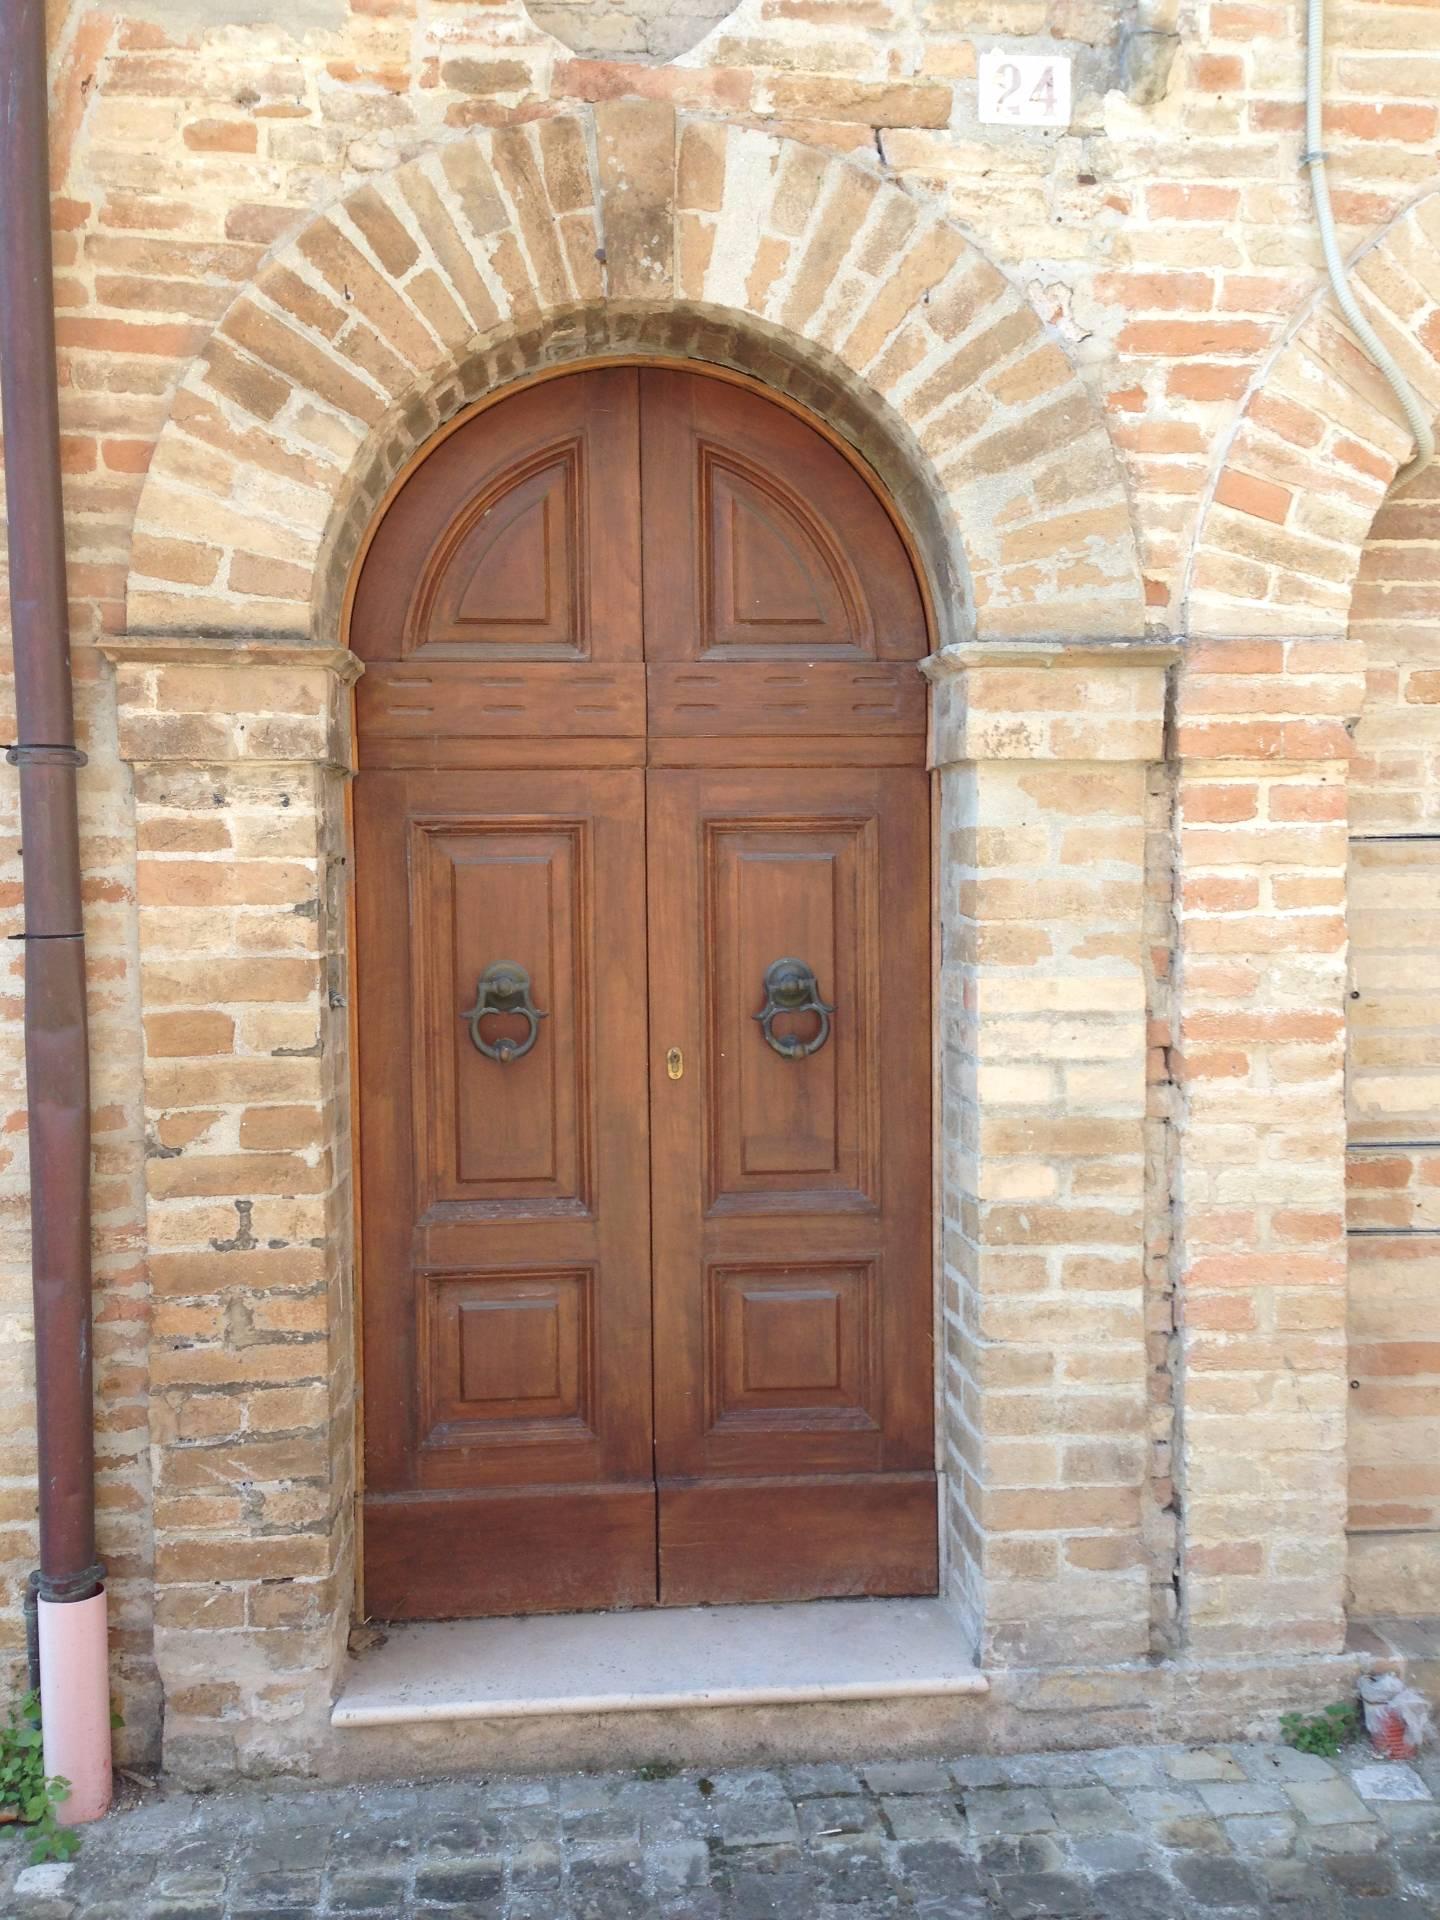 Appartamento in vendita a Servigliano, 6 locali, zona Località: centrostorico-muraquadrilatero, prezzo € 200.000 | CambioCasa.it